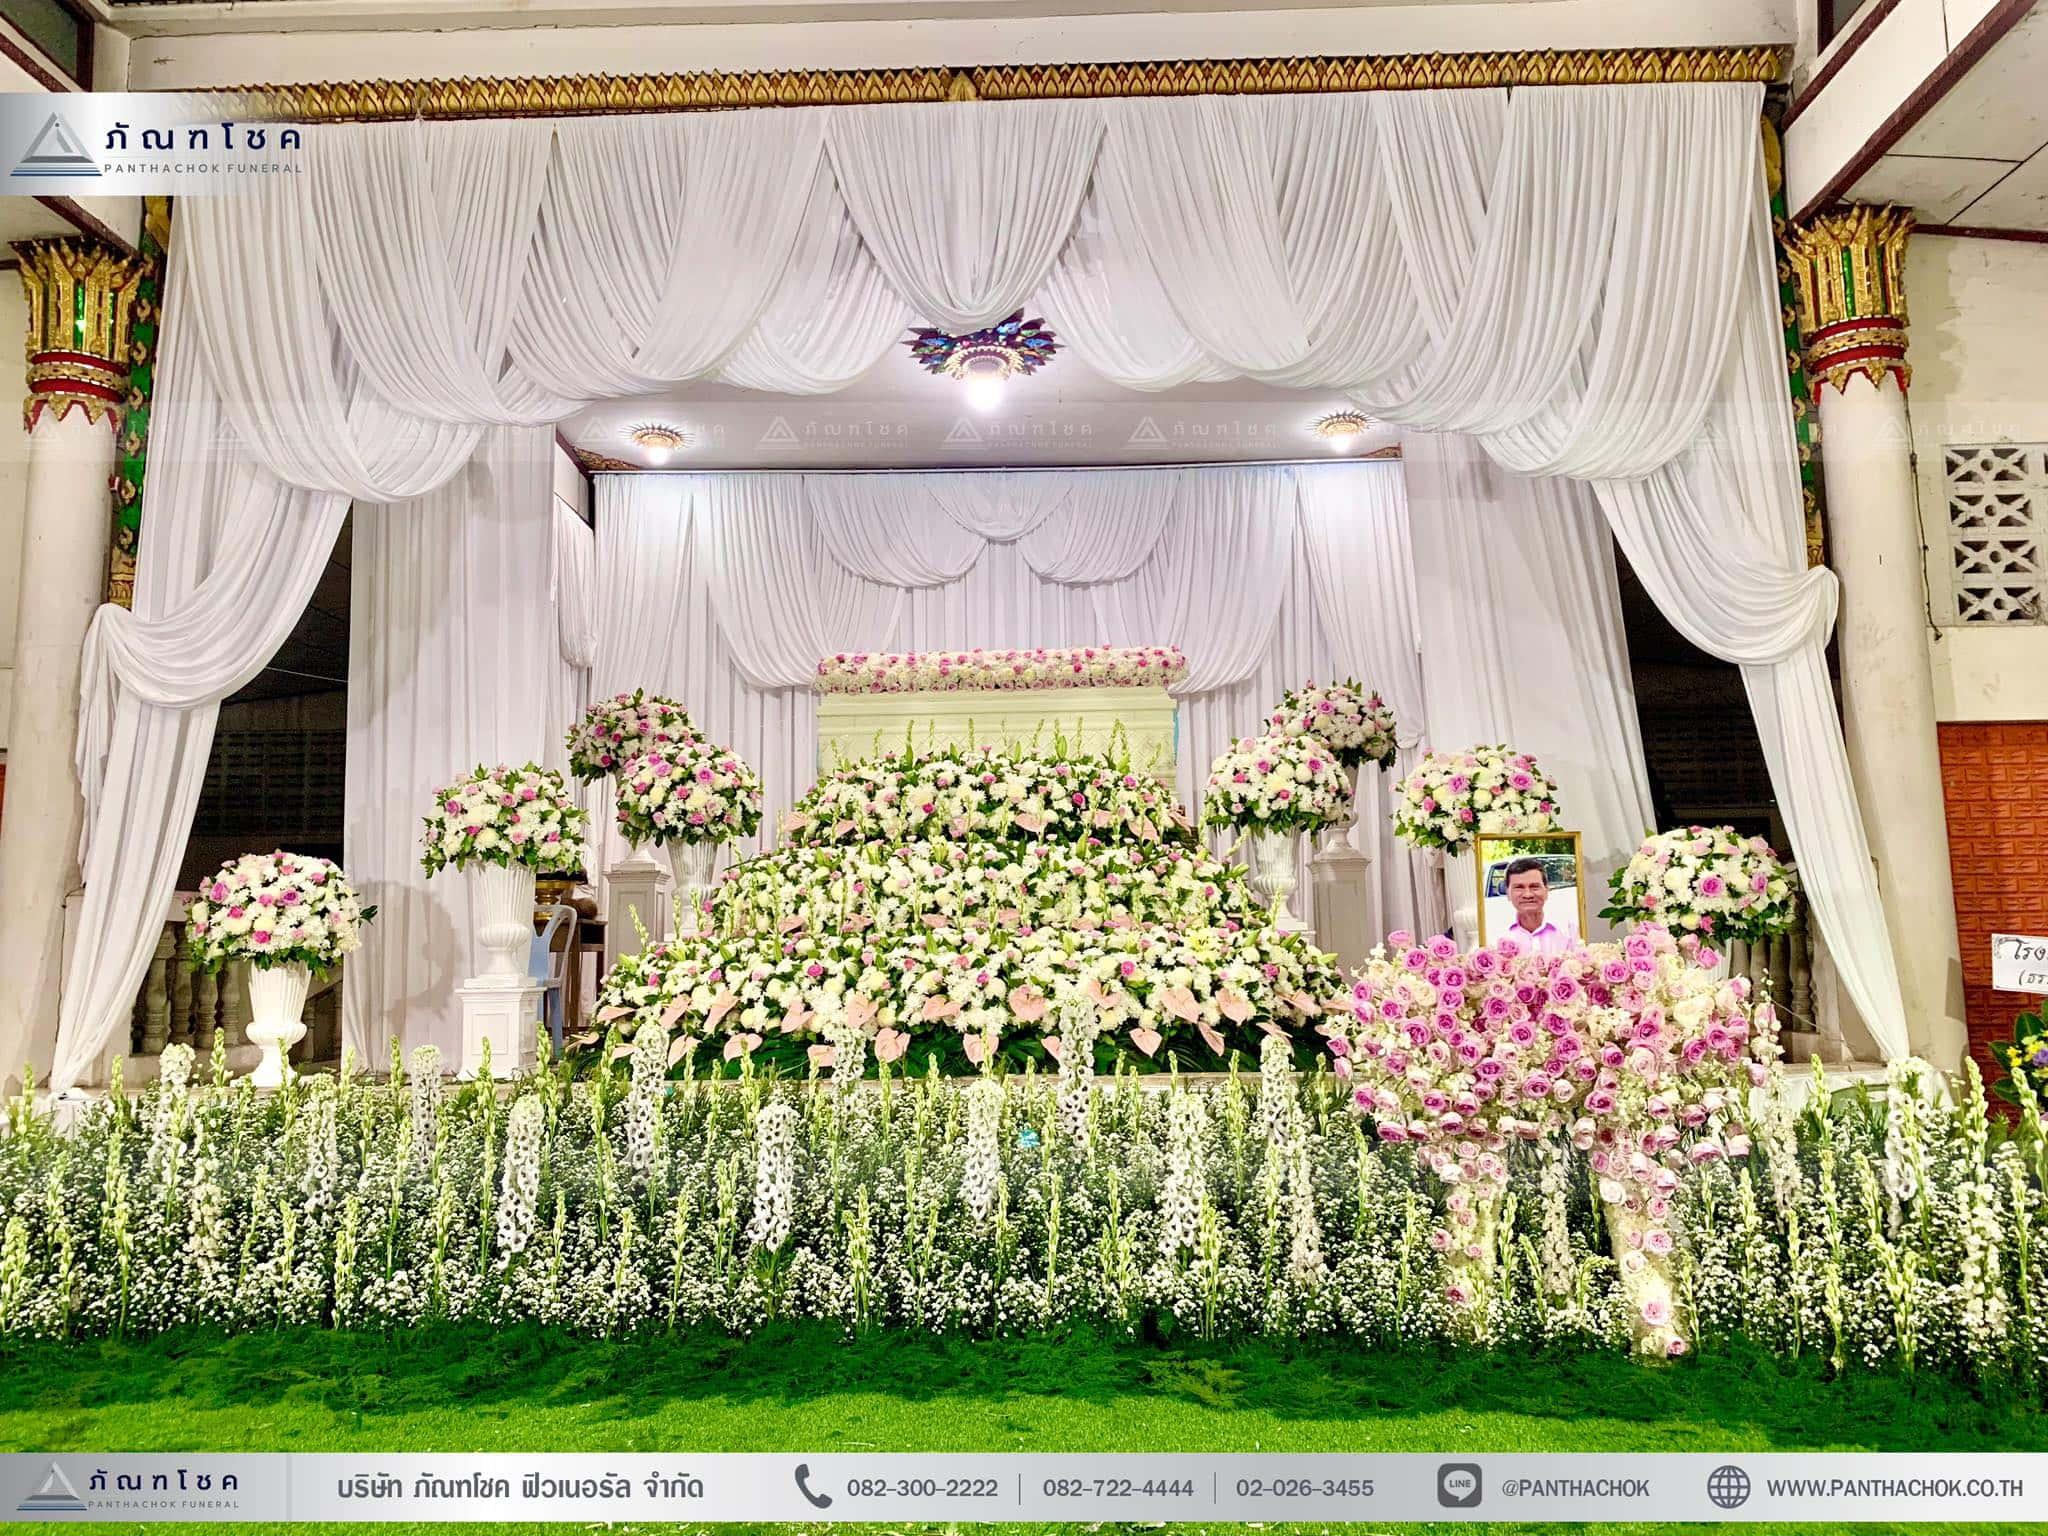 ชุดดอกไม้หน้าหีบสีขาวชมพู ดอกไม้หน้าศพ